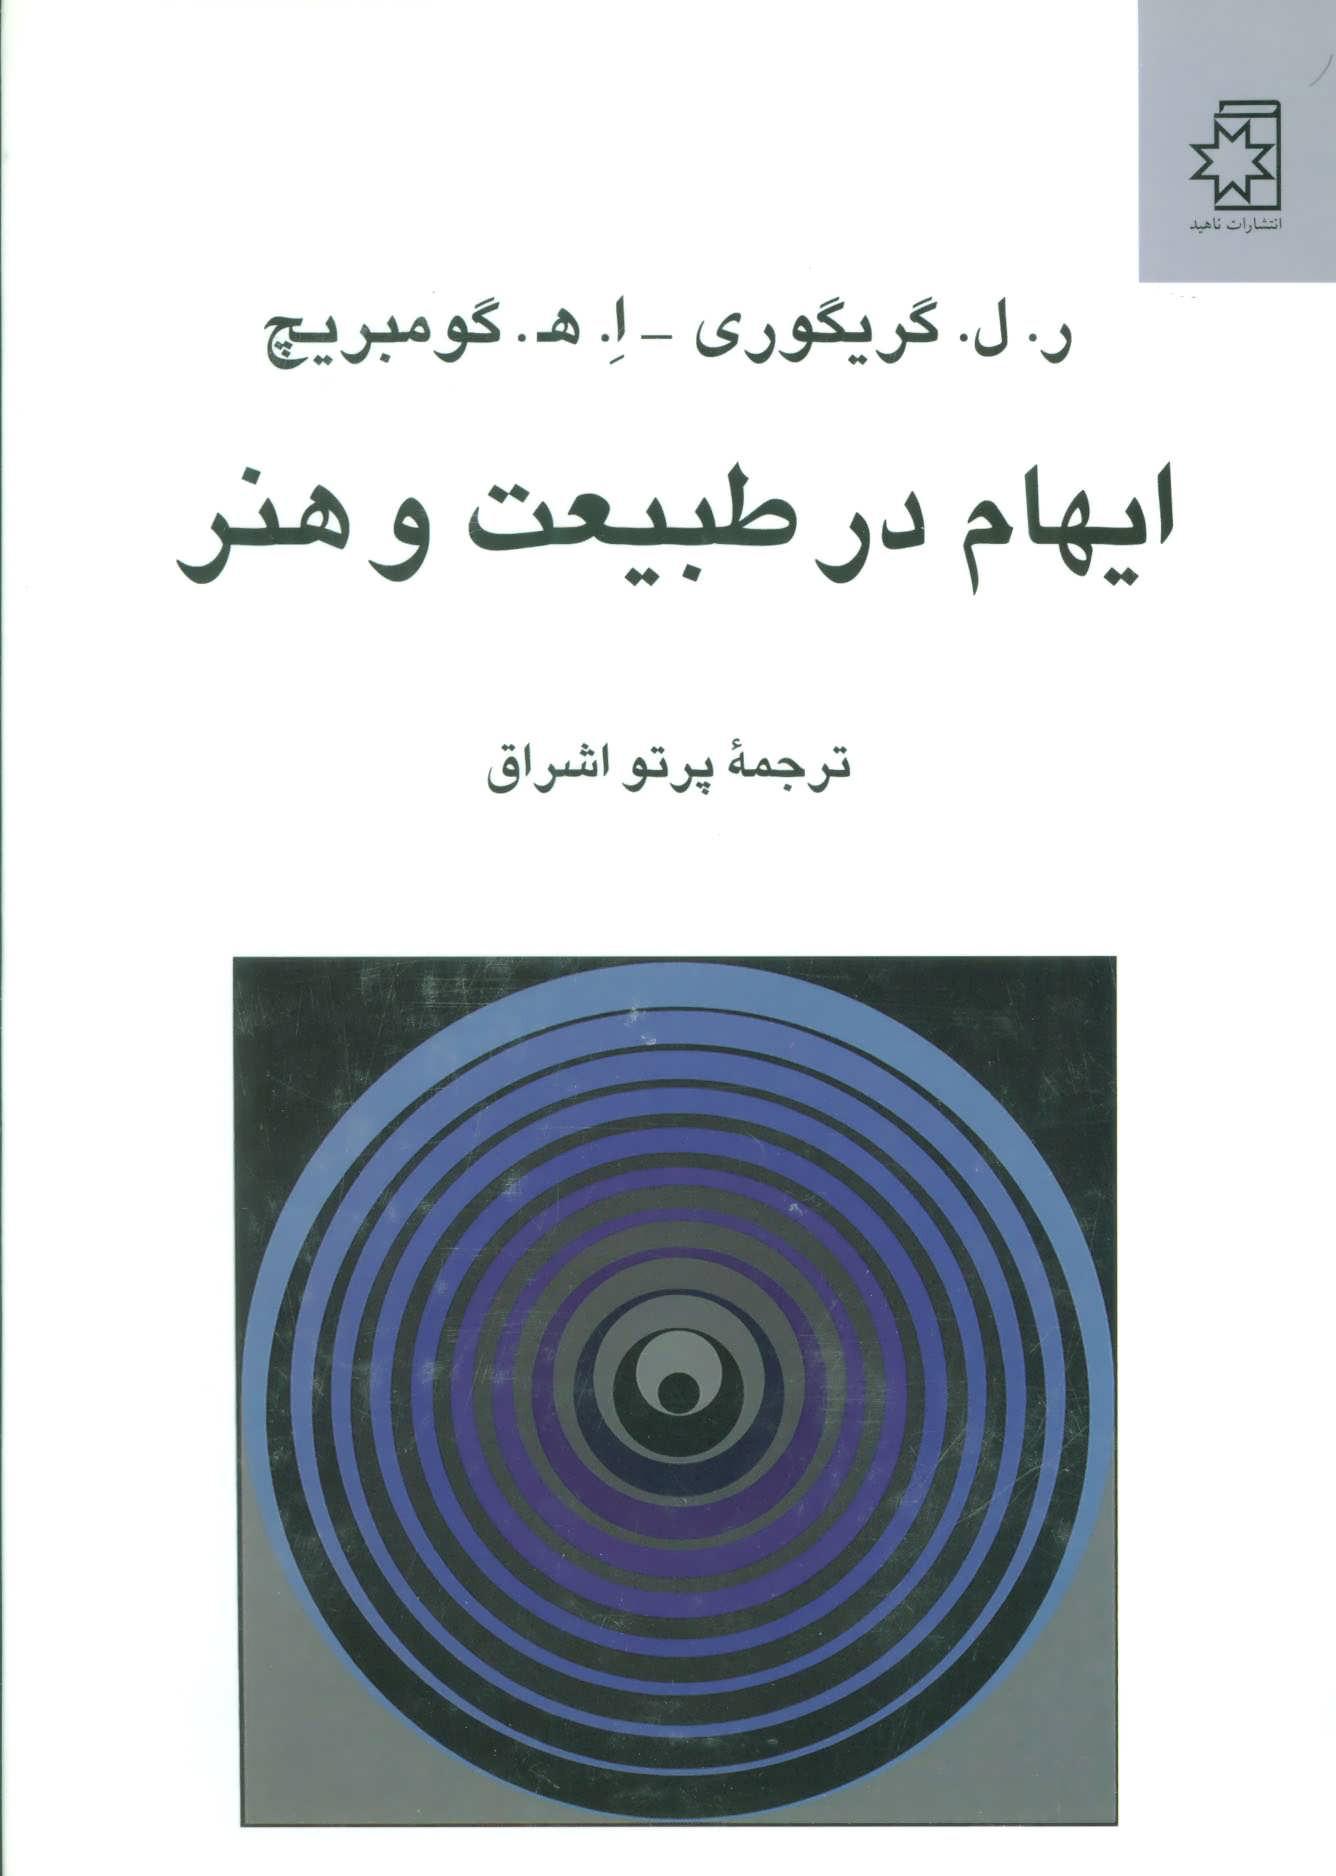 کتاب ایهام در طبیعت و هنر